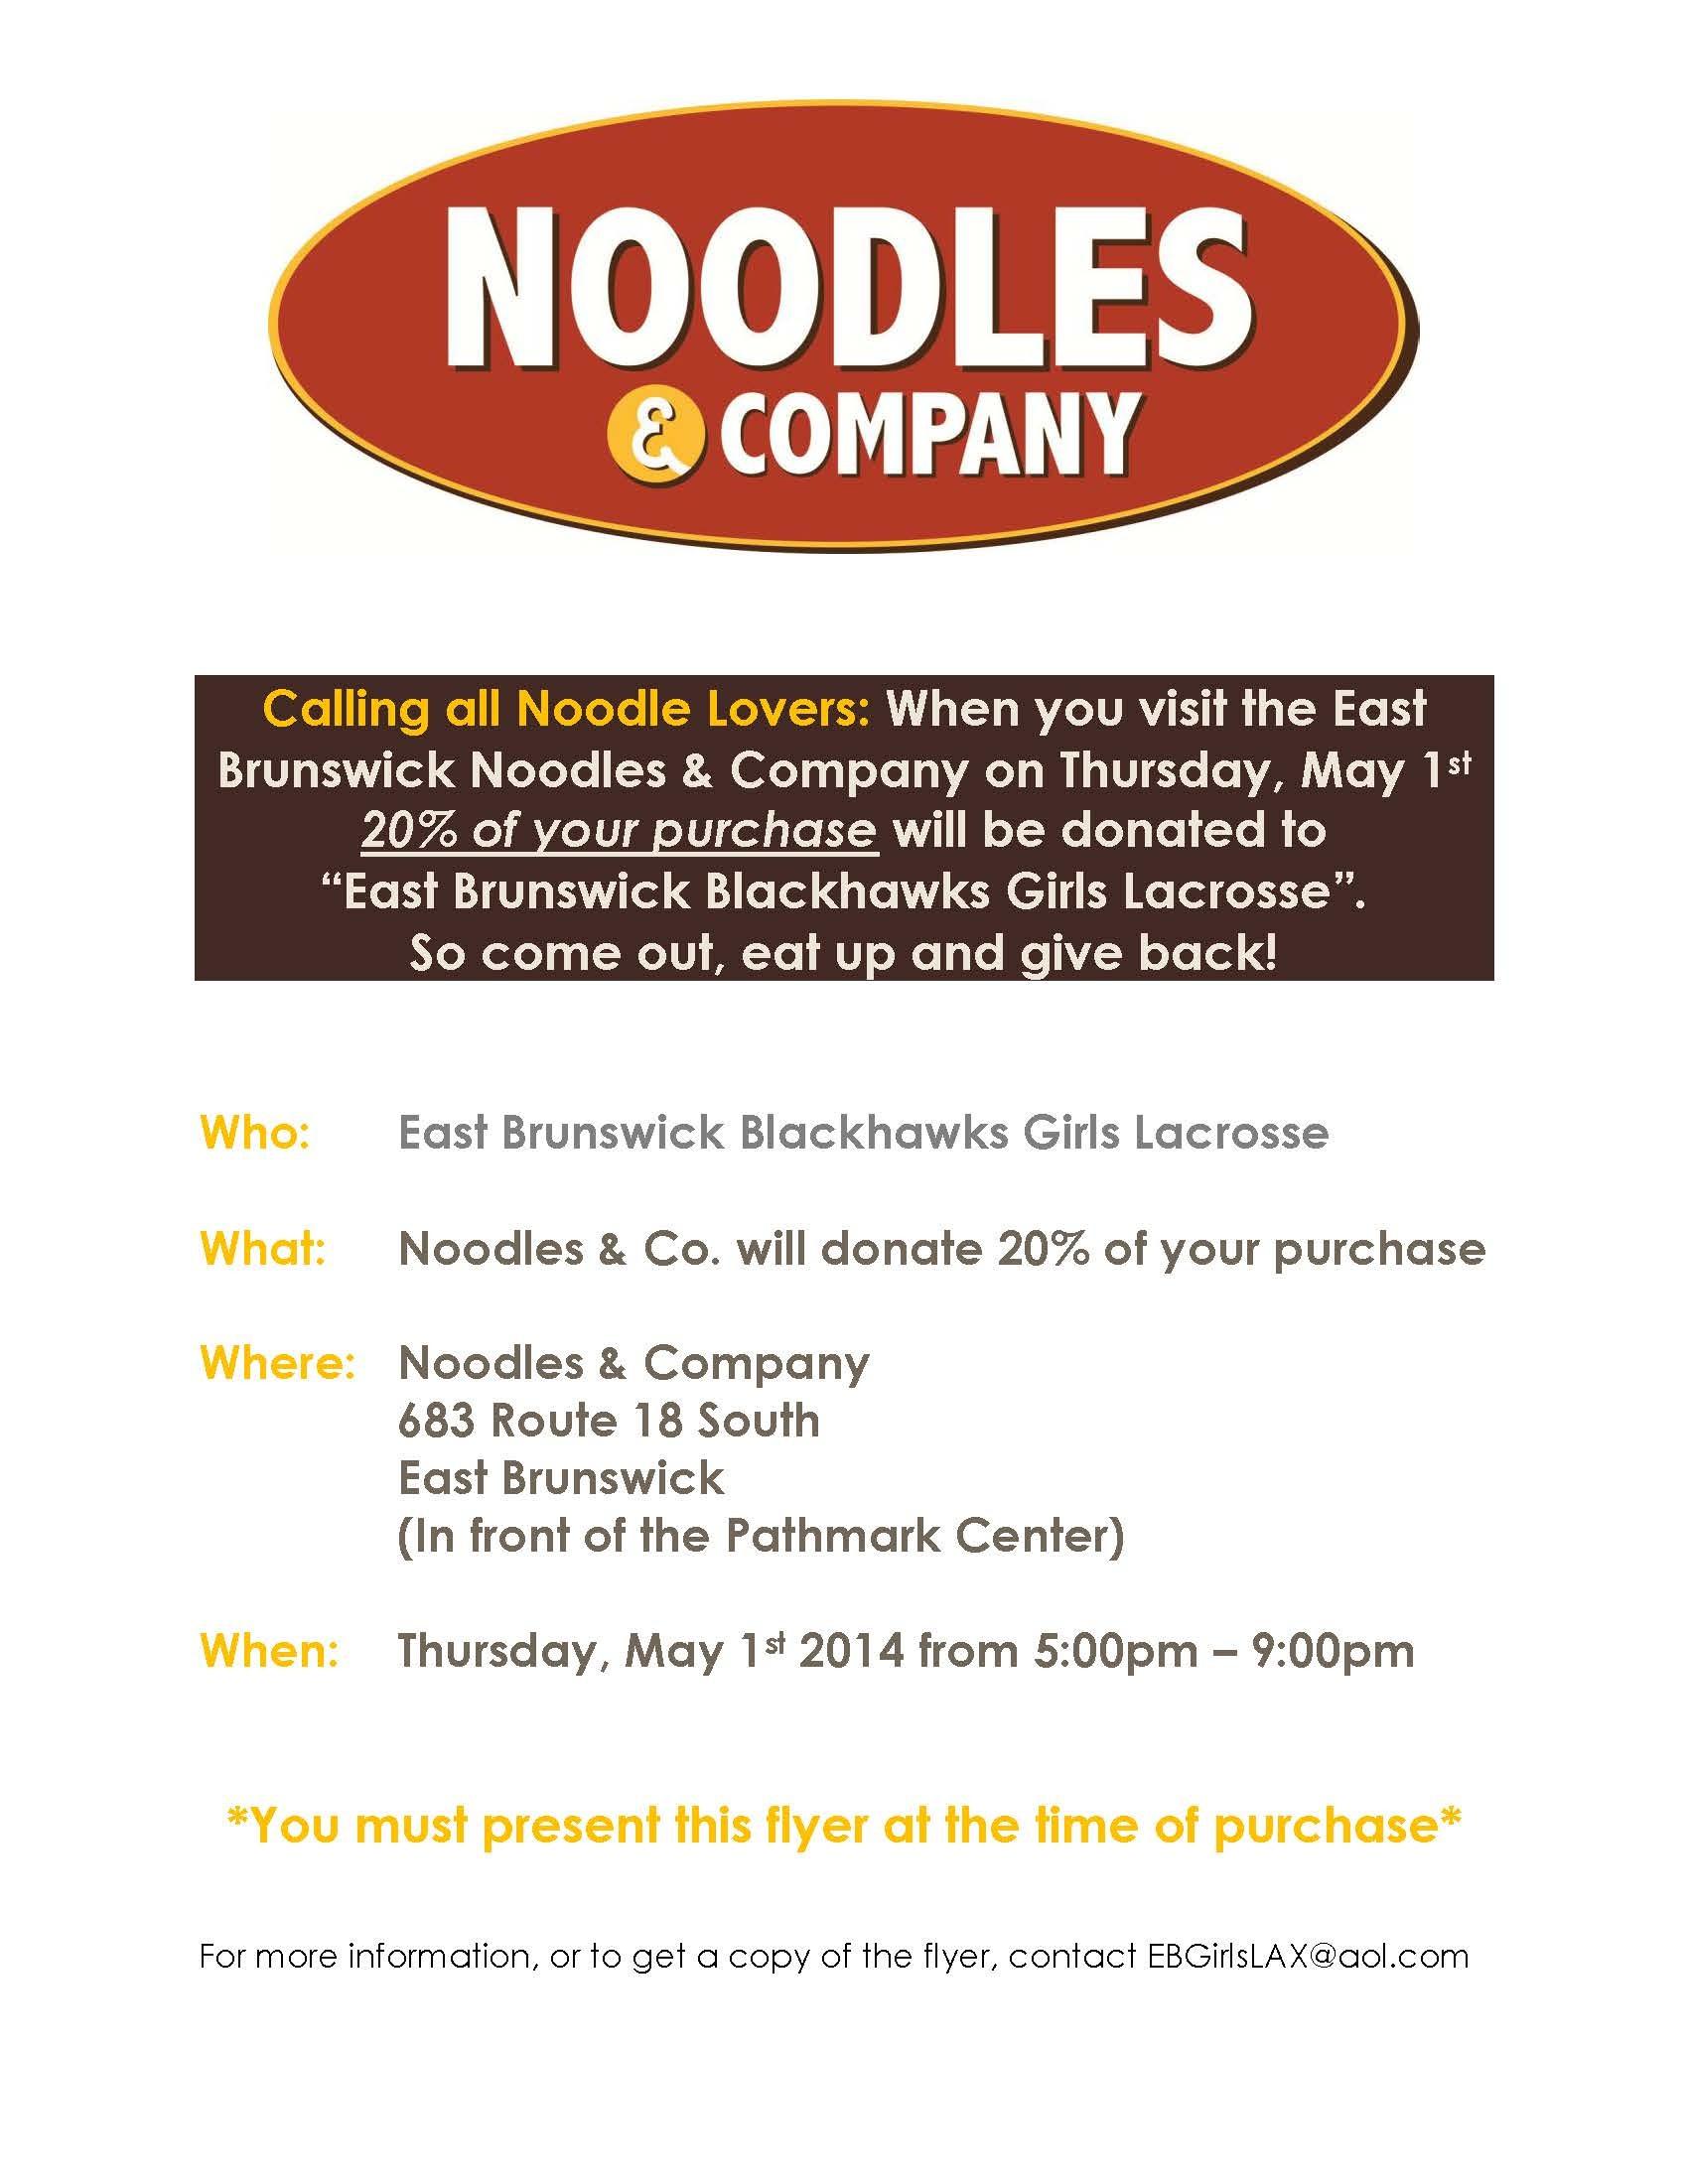 f966709f60010b405988_Noodles_Fundraising_Flier.jpg